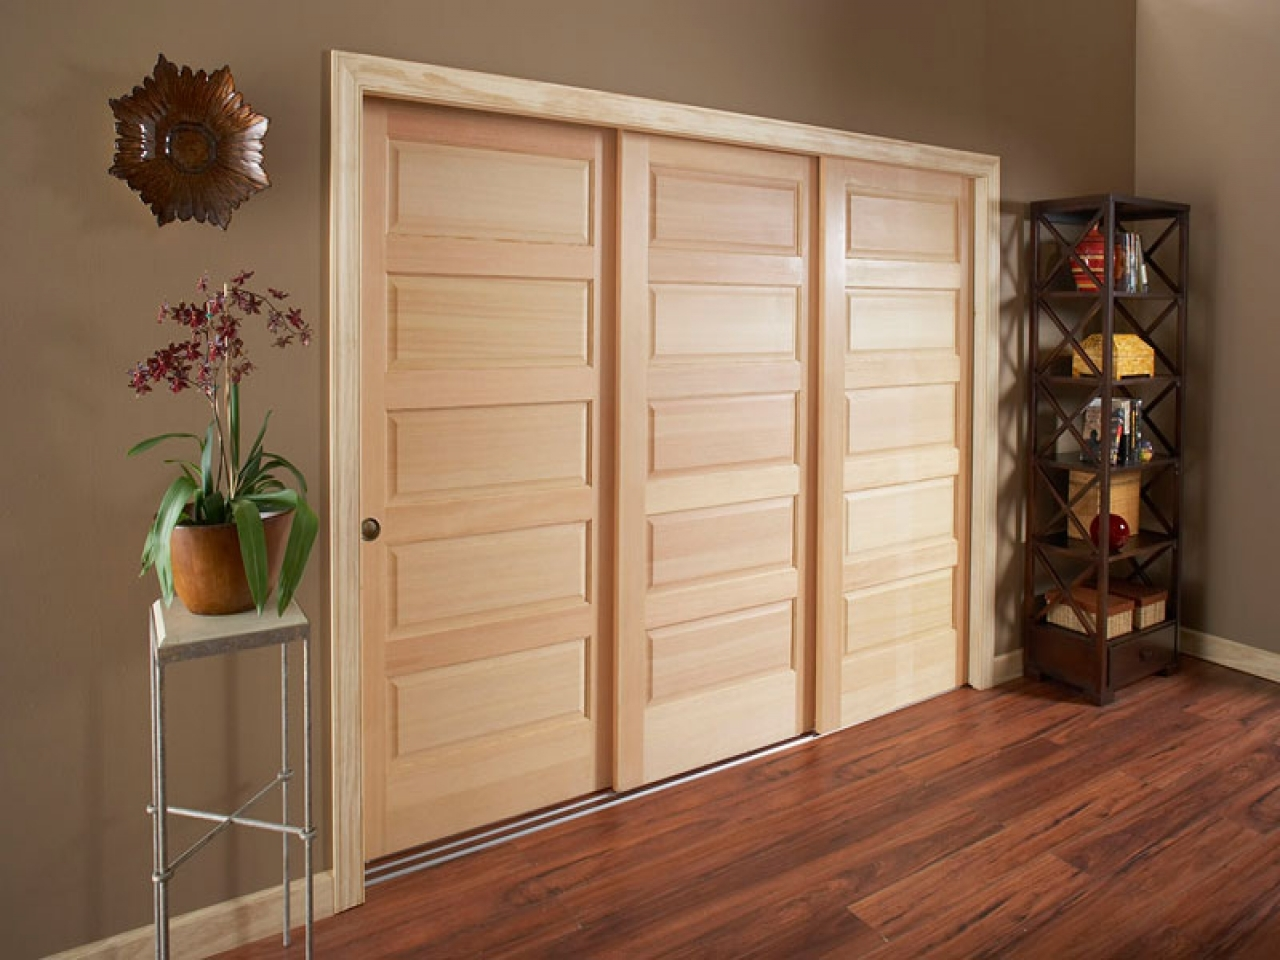 Triple Bypass Sliding Closet Doorswooden pass closet door hardware cabinet hardware room